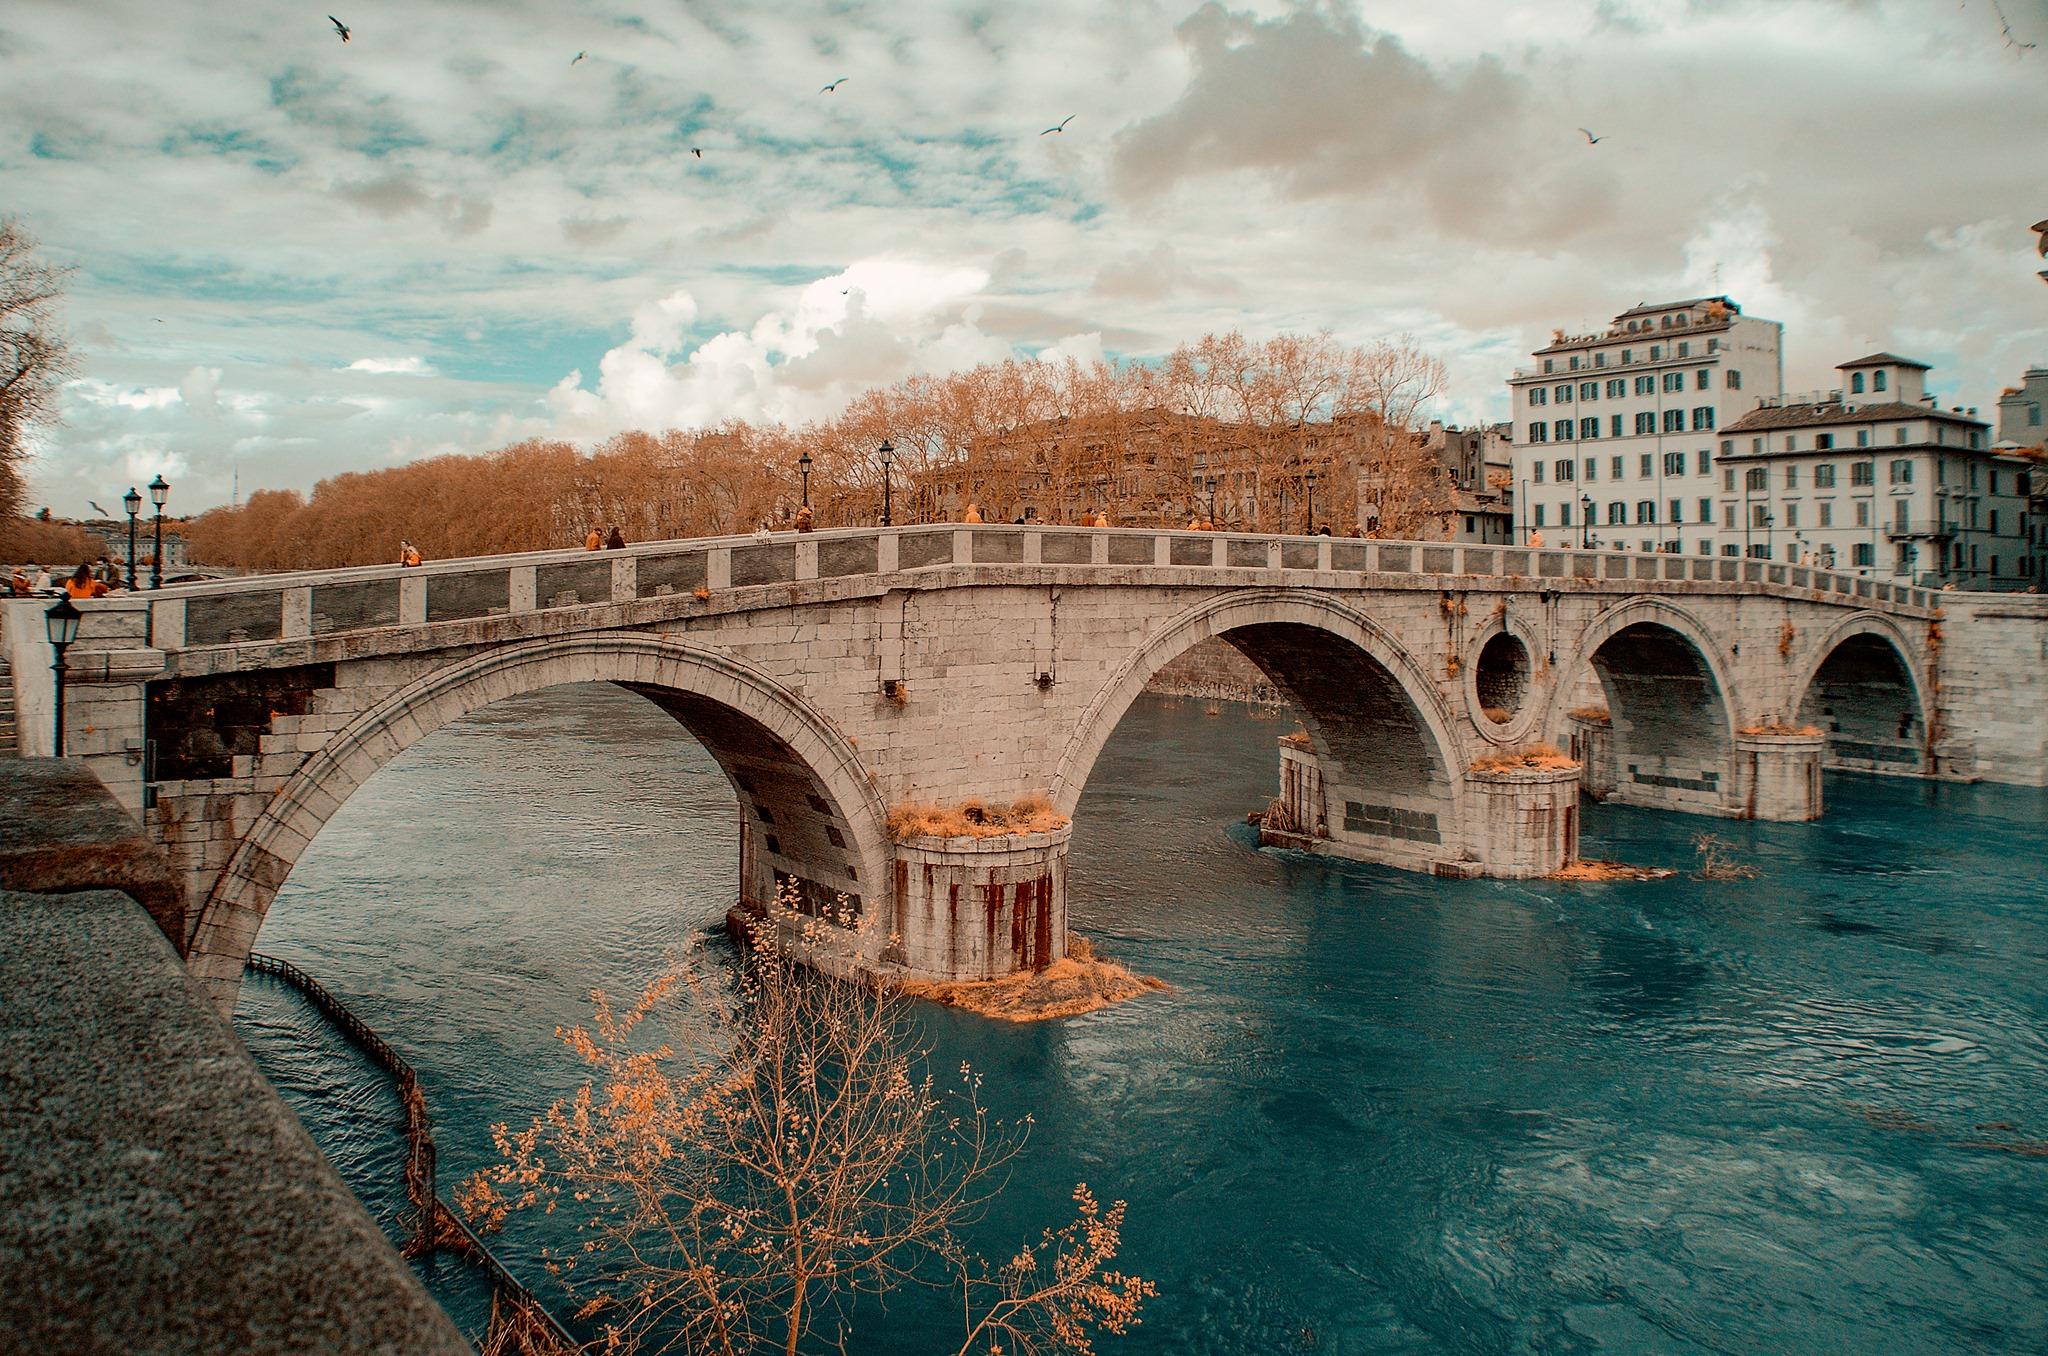 14 Gennaio 2021 – Gaetano D'Elia – Top Selection Infrared